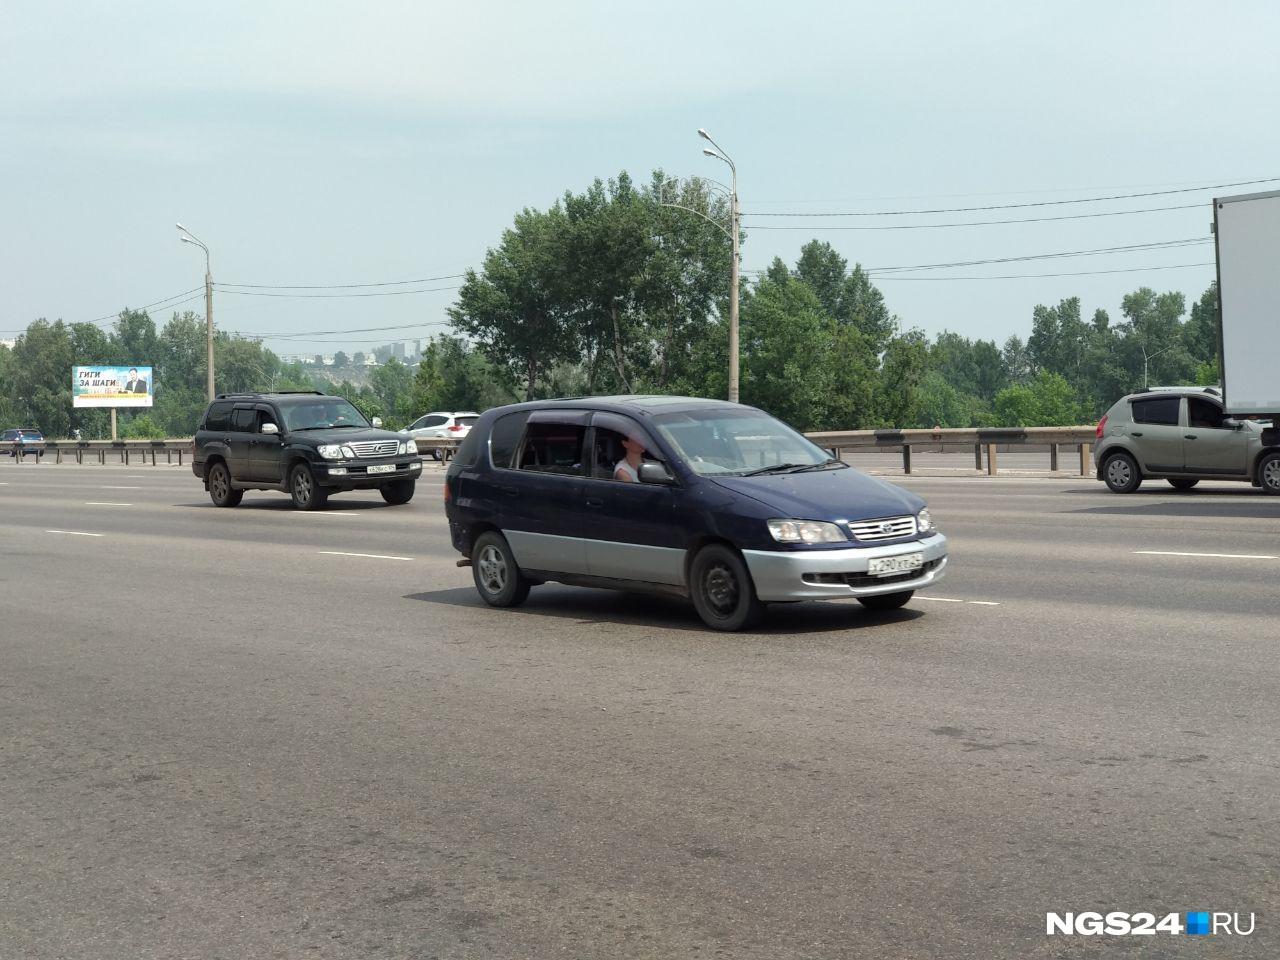 На дорогах сразу видно, у кого в машине есть кондиционер. У кого такой функции нет, ловит прохладу в открытых окнах